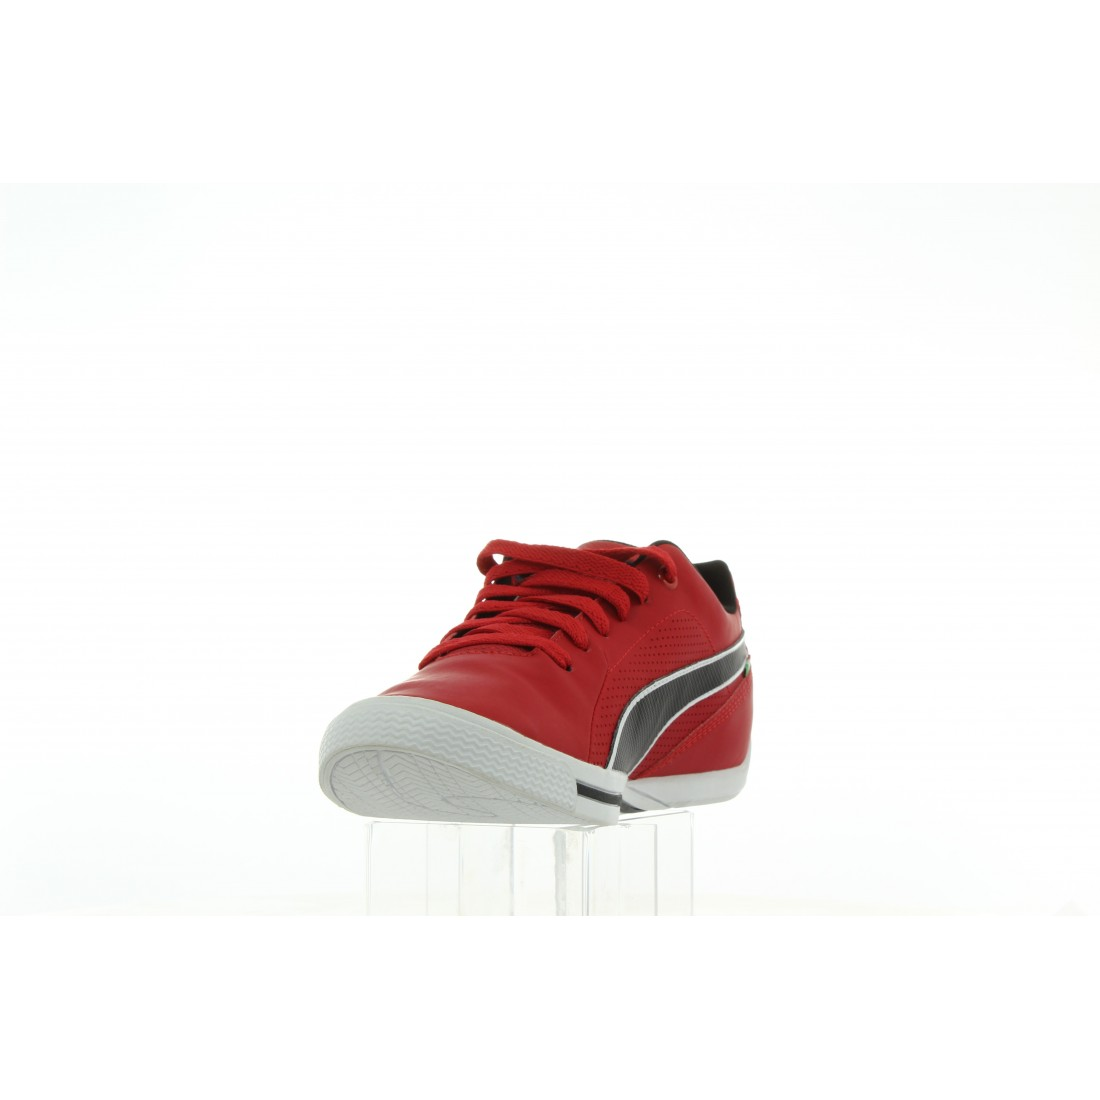 305662 01 Czerwony